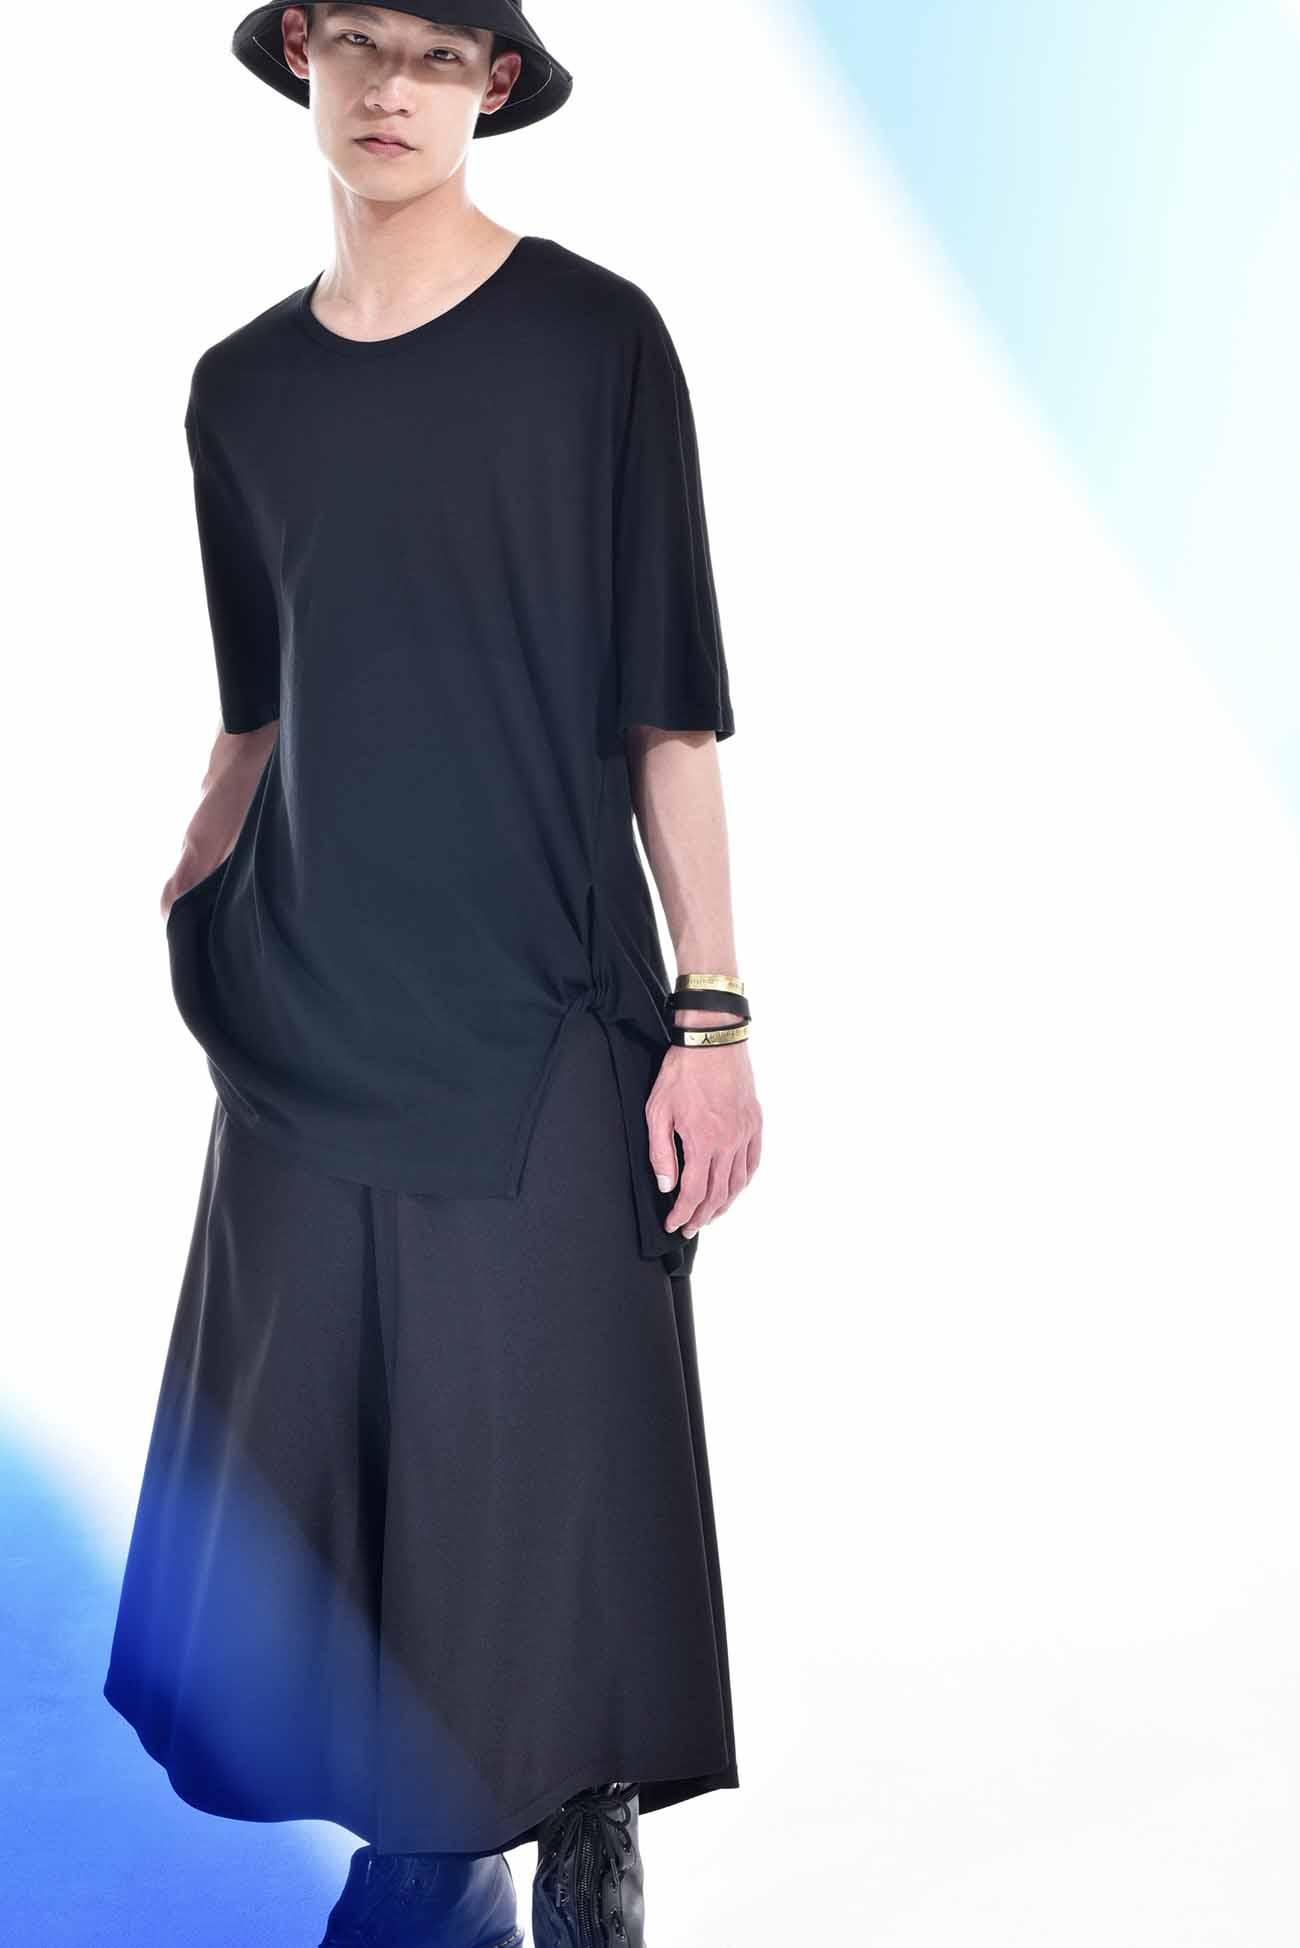 30/- Modal Jersey twisted Big Cut Sew